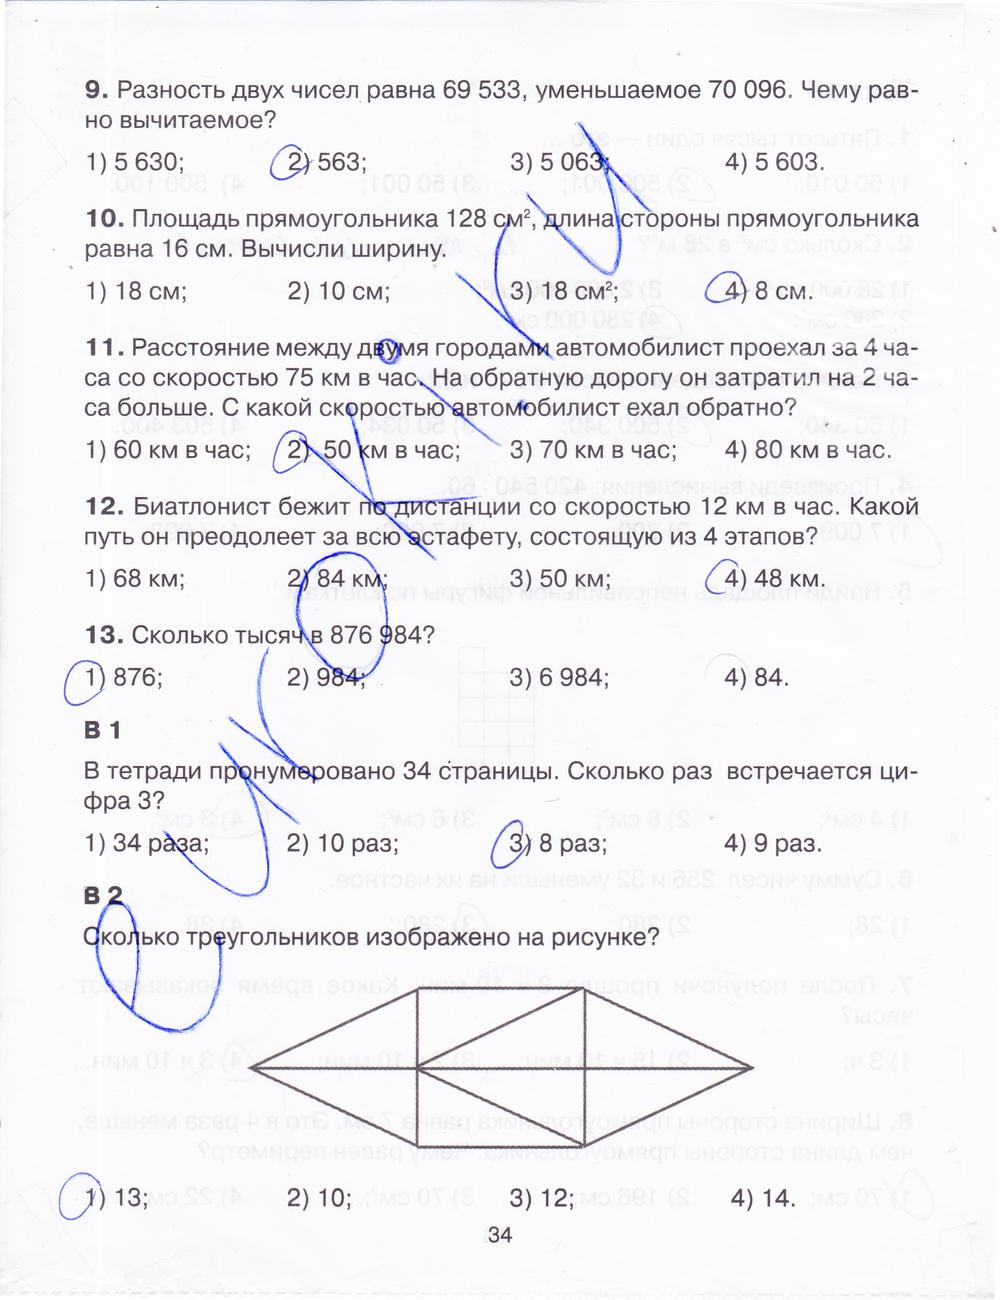 ГДЗ по математике 4 класс Мишакина. Задание: стр. 34